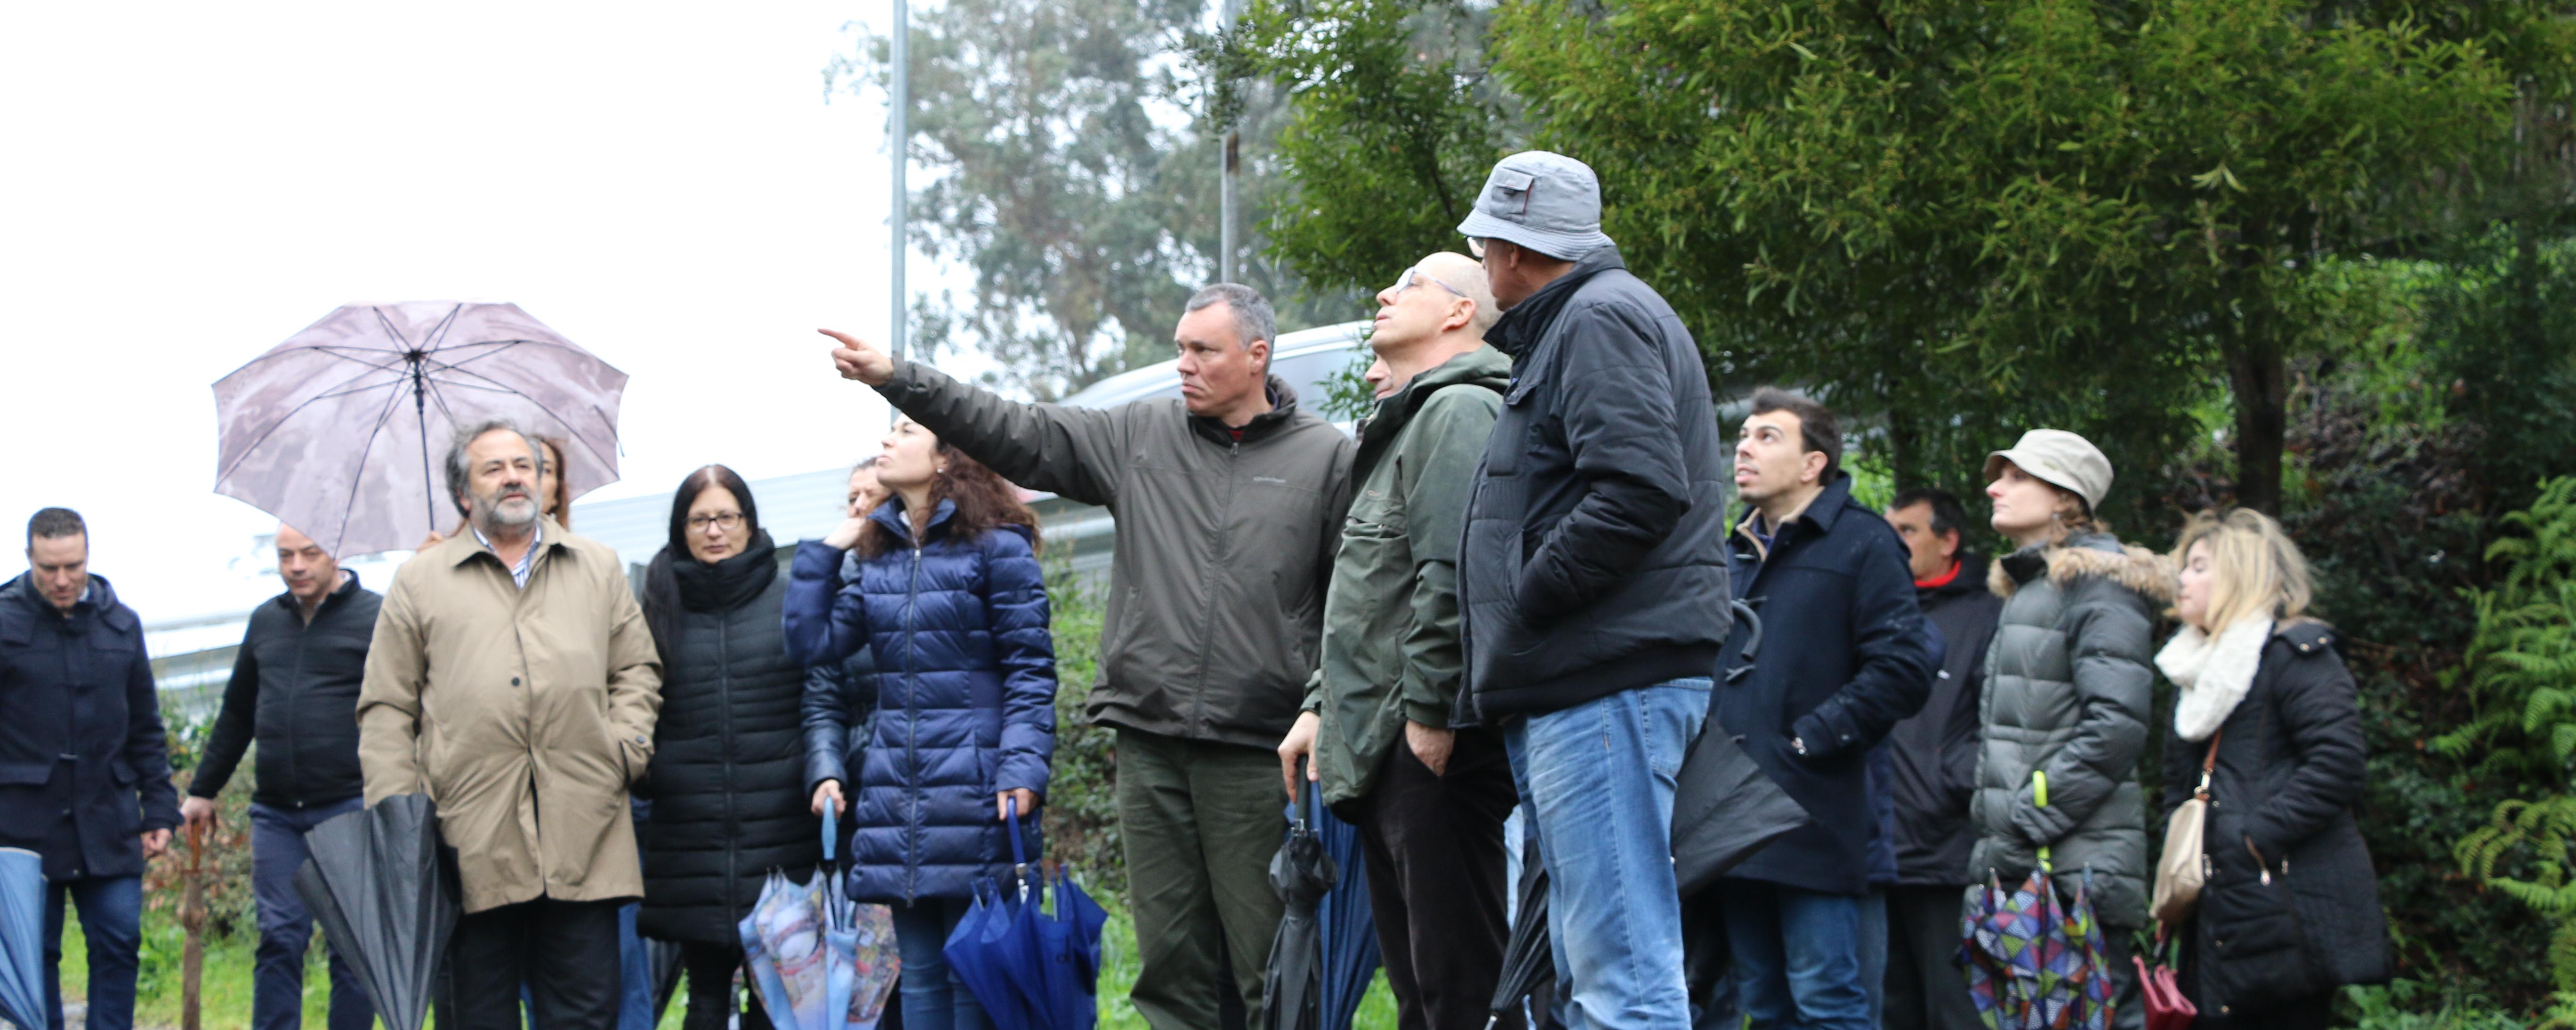 Técnicos da Câmara Municipal em ação de formação sobre limpeza florestal